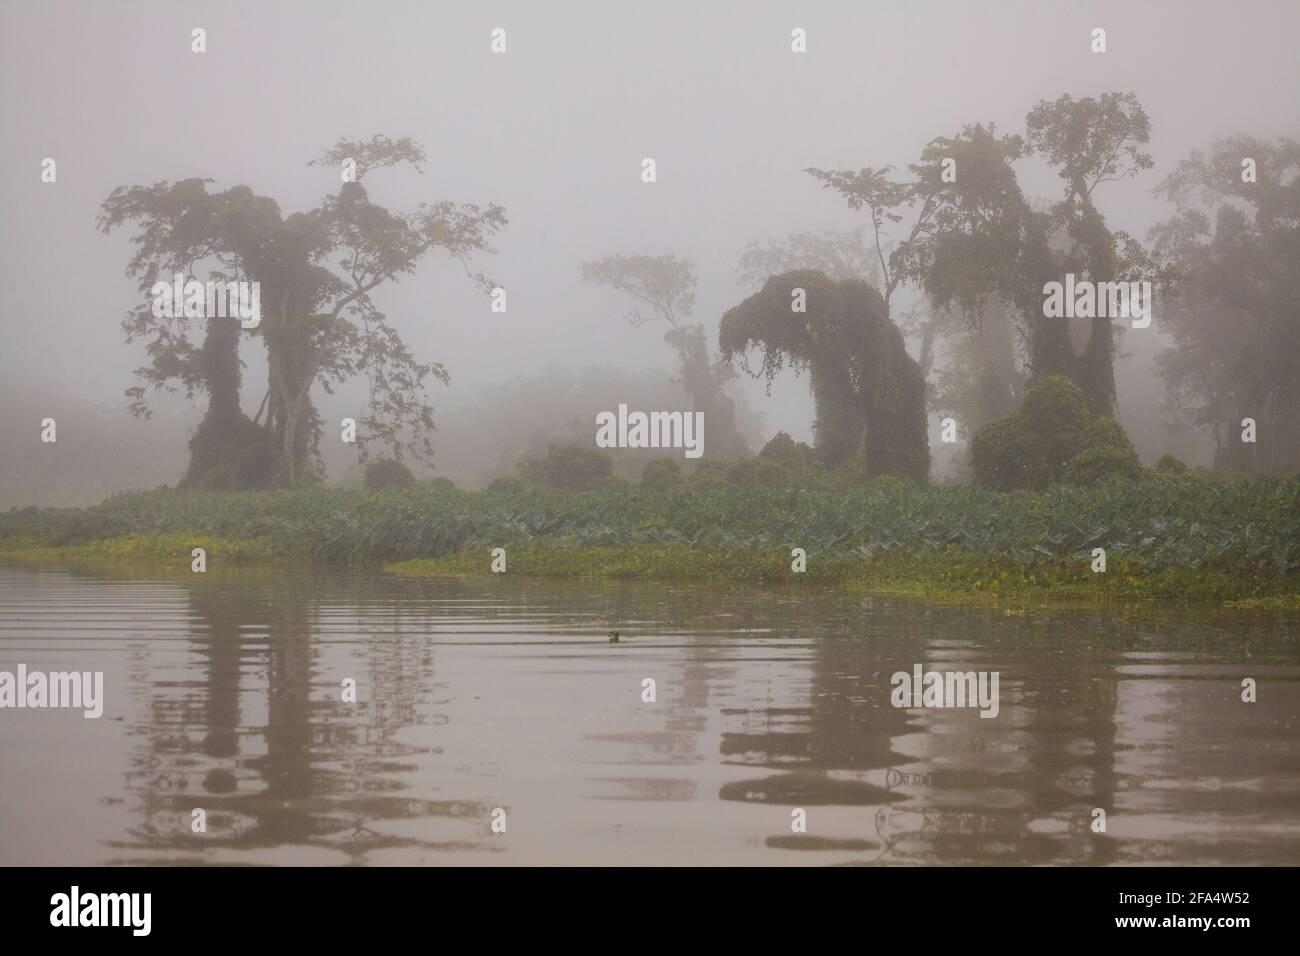 Bosque pluvial Misty a primera hora de la mañana a lo largo de Río Chagres en el Parque Nacional Soberania, República de Panamá. Foto de stock